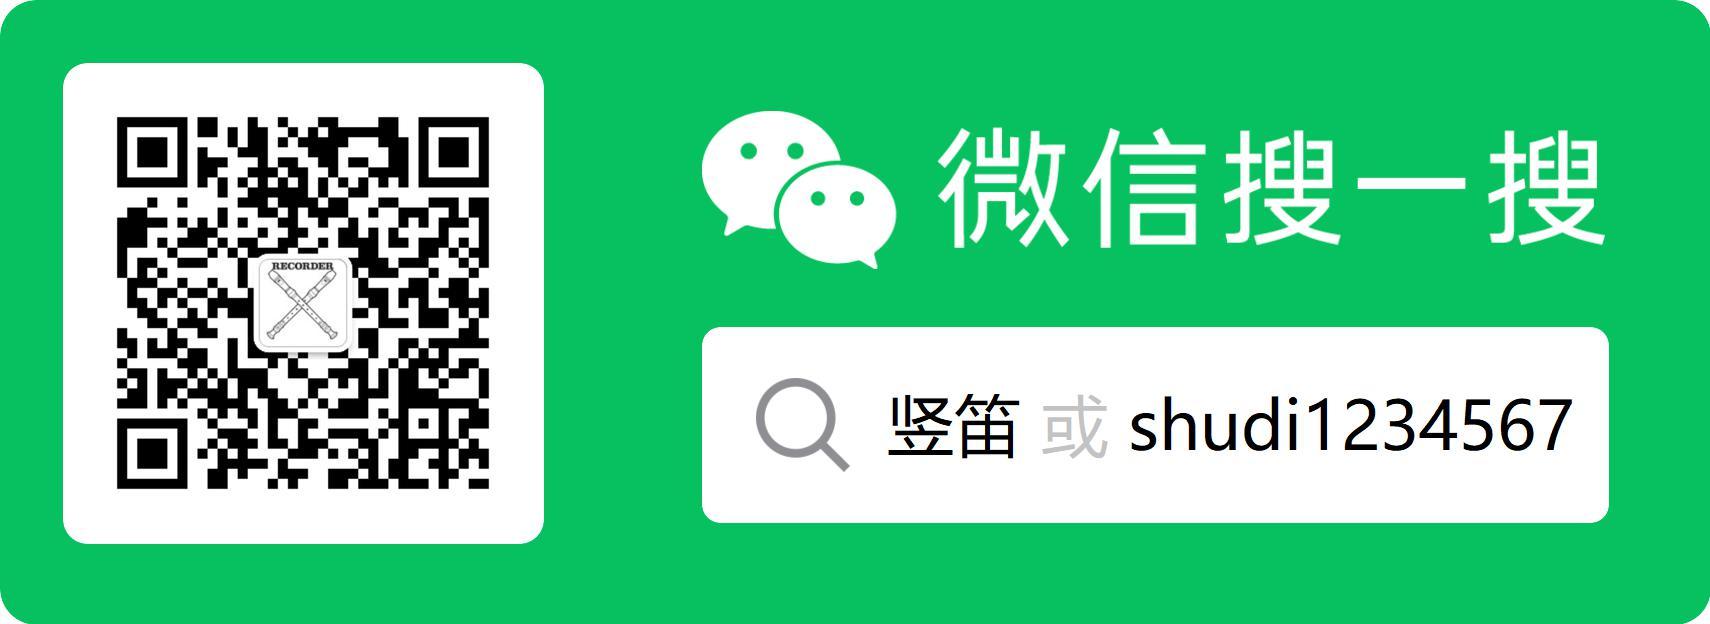 微信公众号「竖笛」shudi1234567